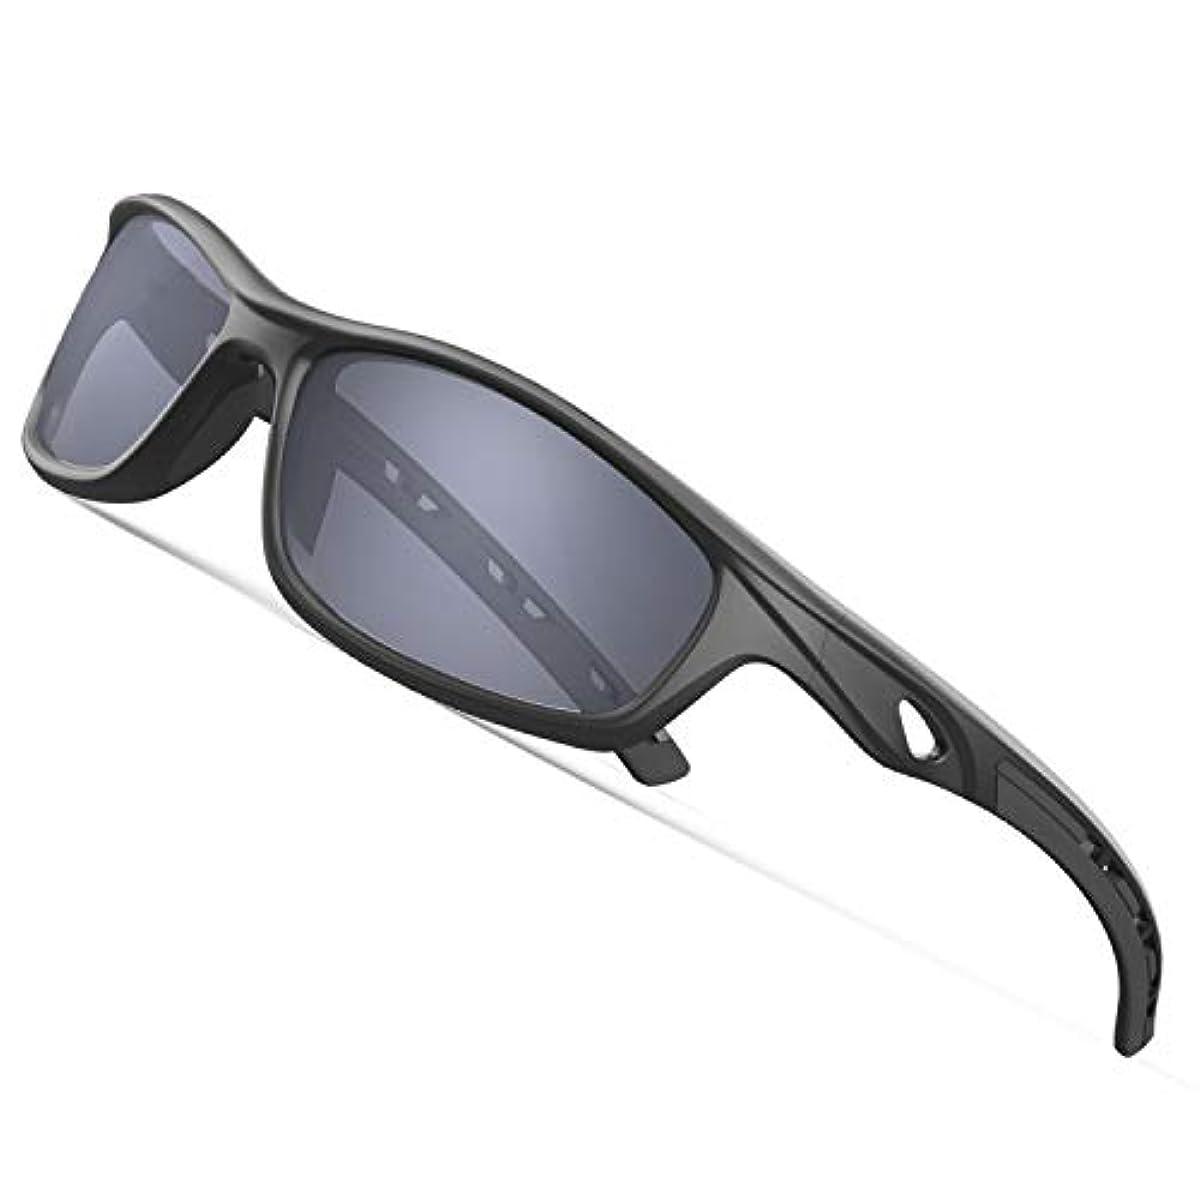 [해외] TOREGE 편광 렌즈 썬글라스 초경량 프레임TR90 UV400 자외선 컷 항충격 남녀 겸용 스포츠 썬글라스/ 자전거/낚시/야구/테니스/스키/런닝/골프/드라이기이브 운동 안경TR08